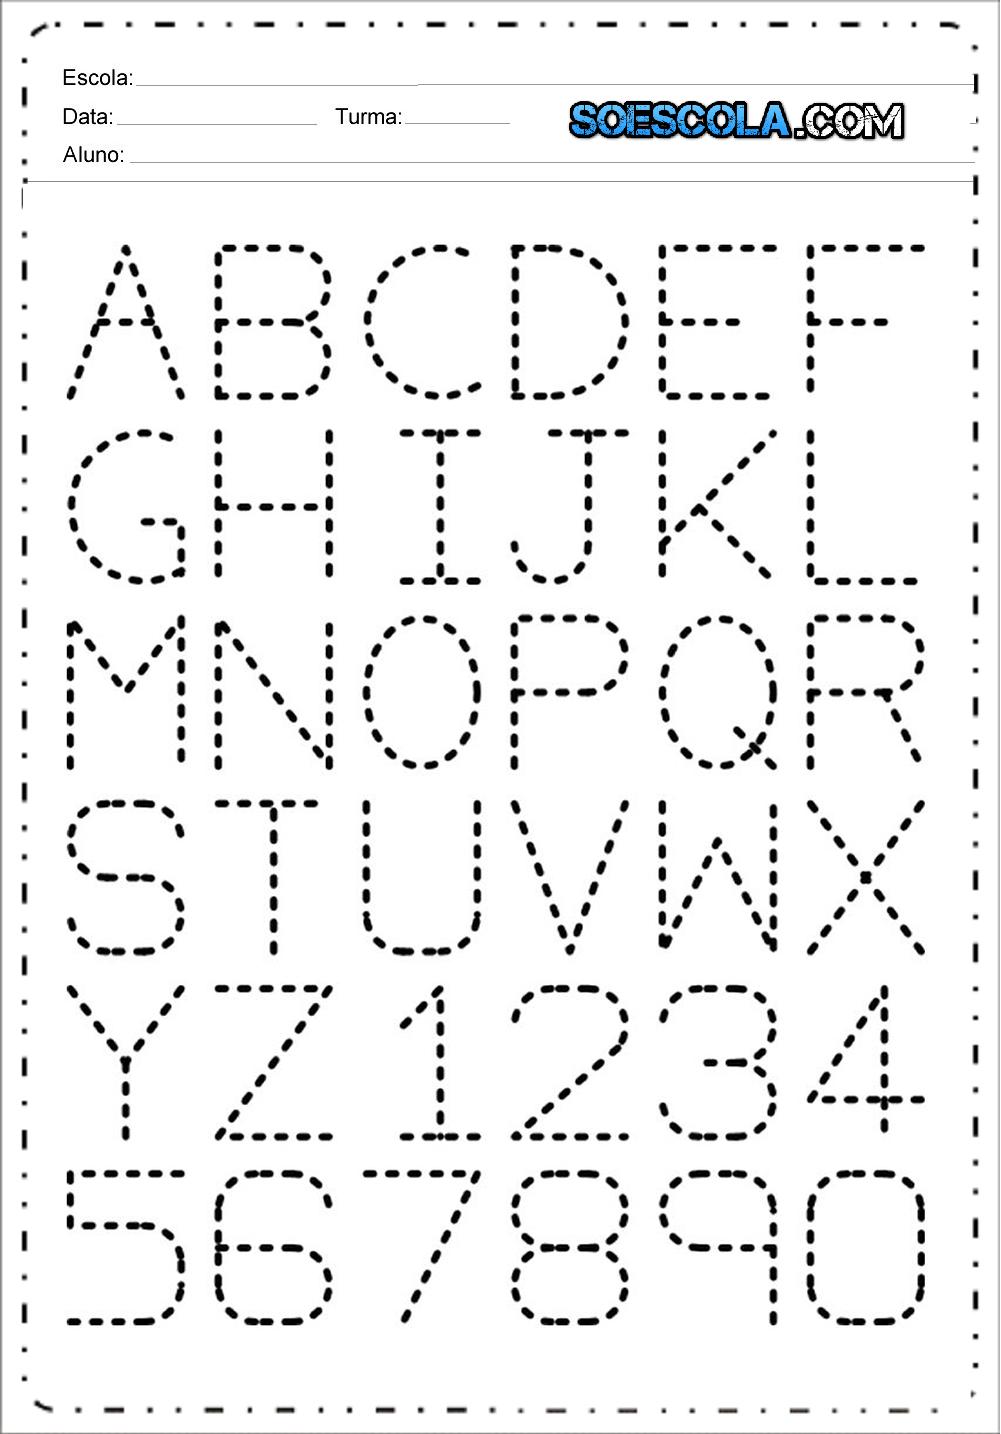 Alfabeto Pontilhado Atividades Educativas Para Imprimir